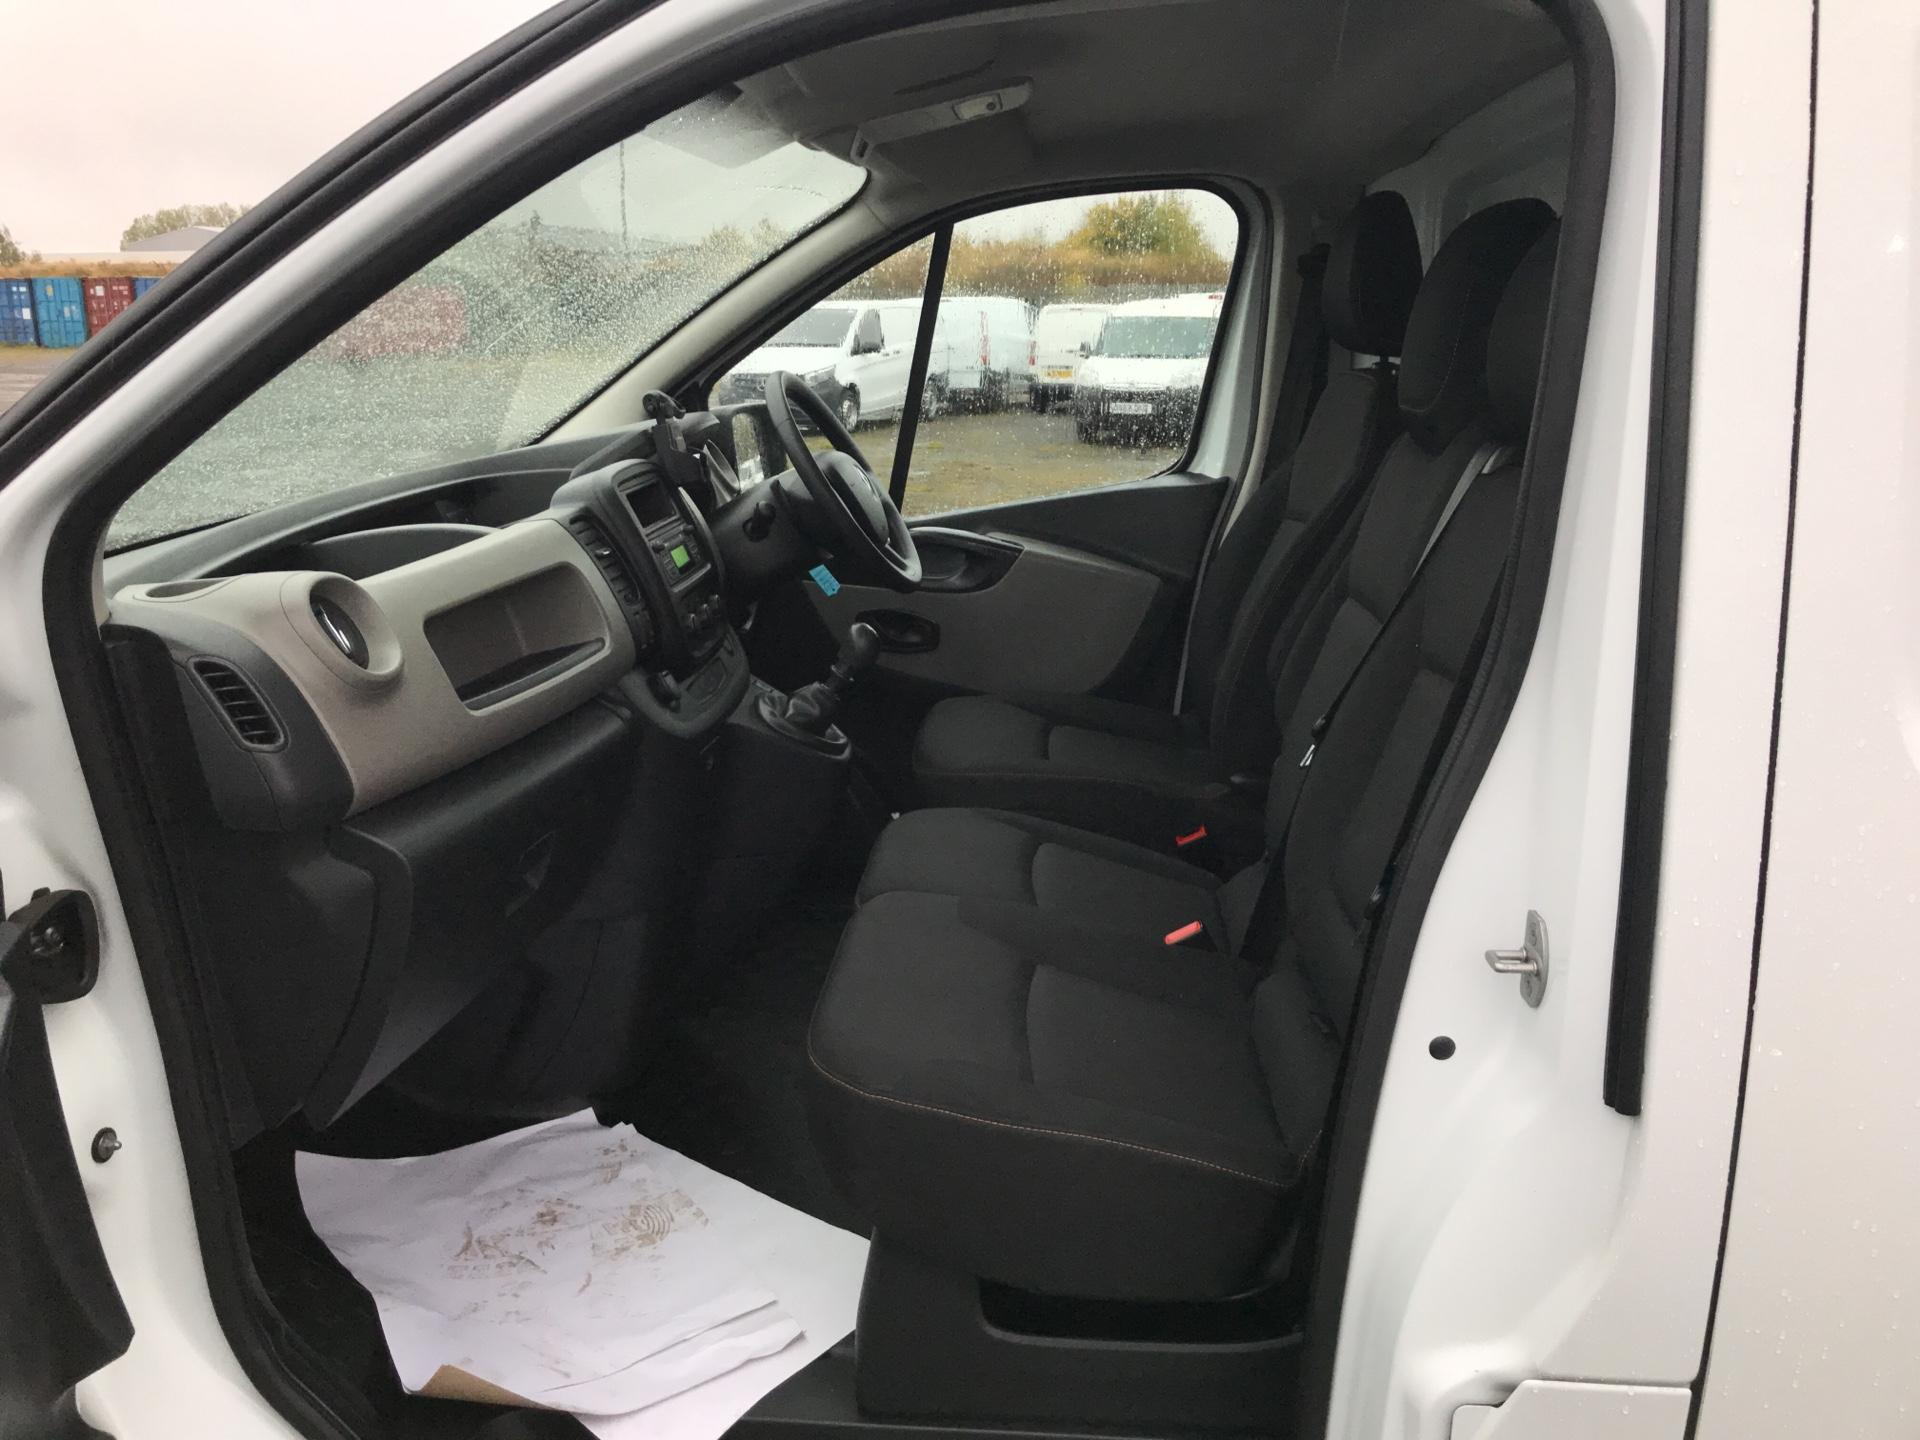 2015 Renault Trafic SWB SL27 ENERGY DCI 120 BUSINESS+ AIR CON EURO 5  (SJ65GYR) Image 14